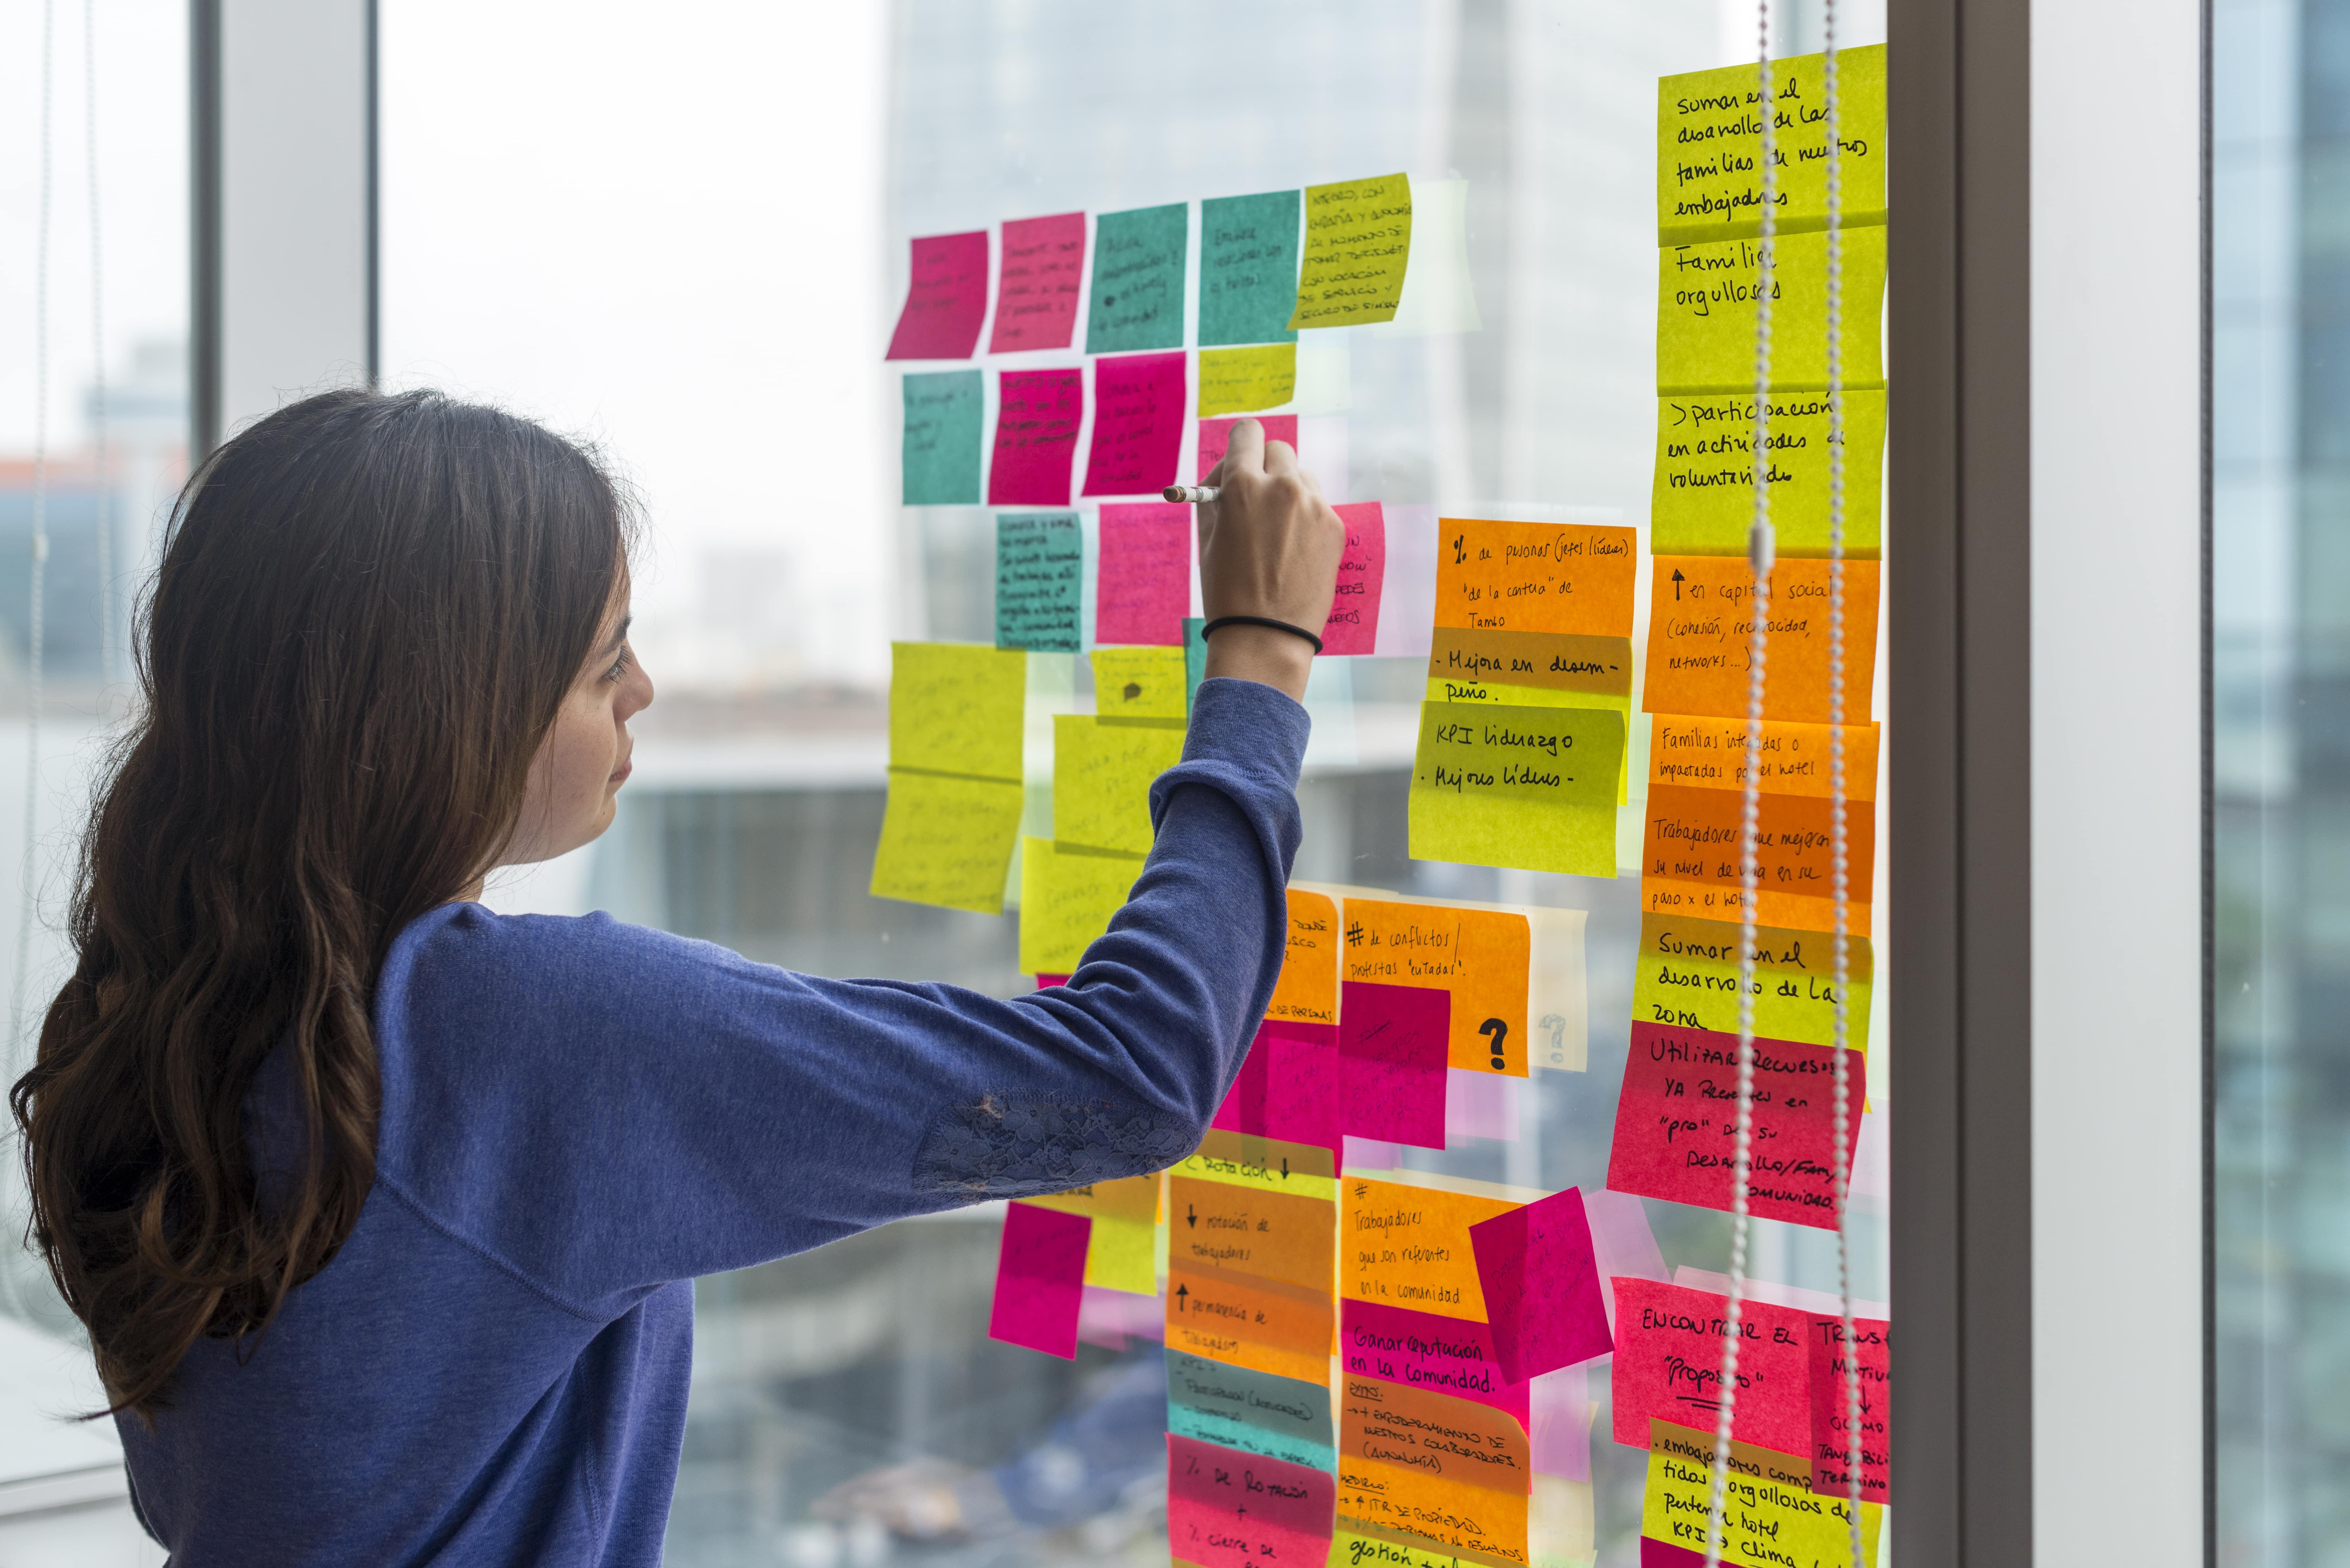 mujer pegando postits en una ventana como ejercicio de brainstorming